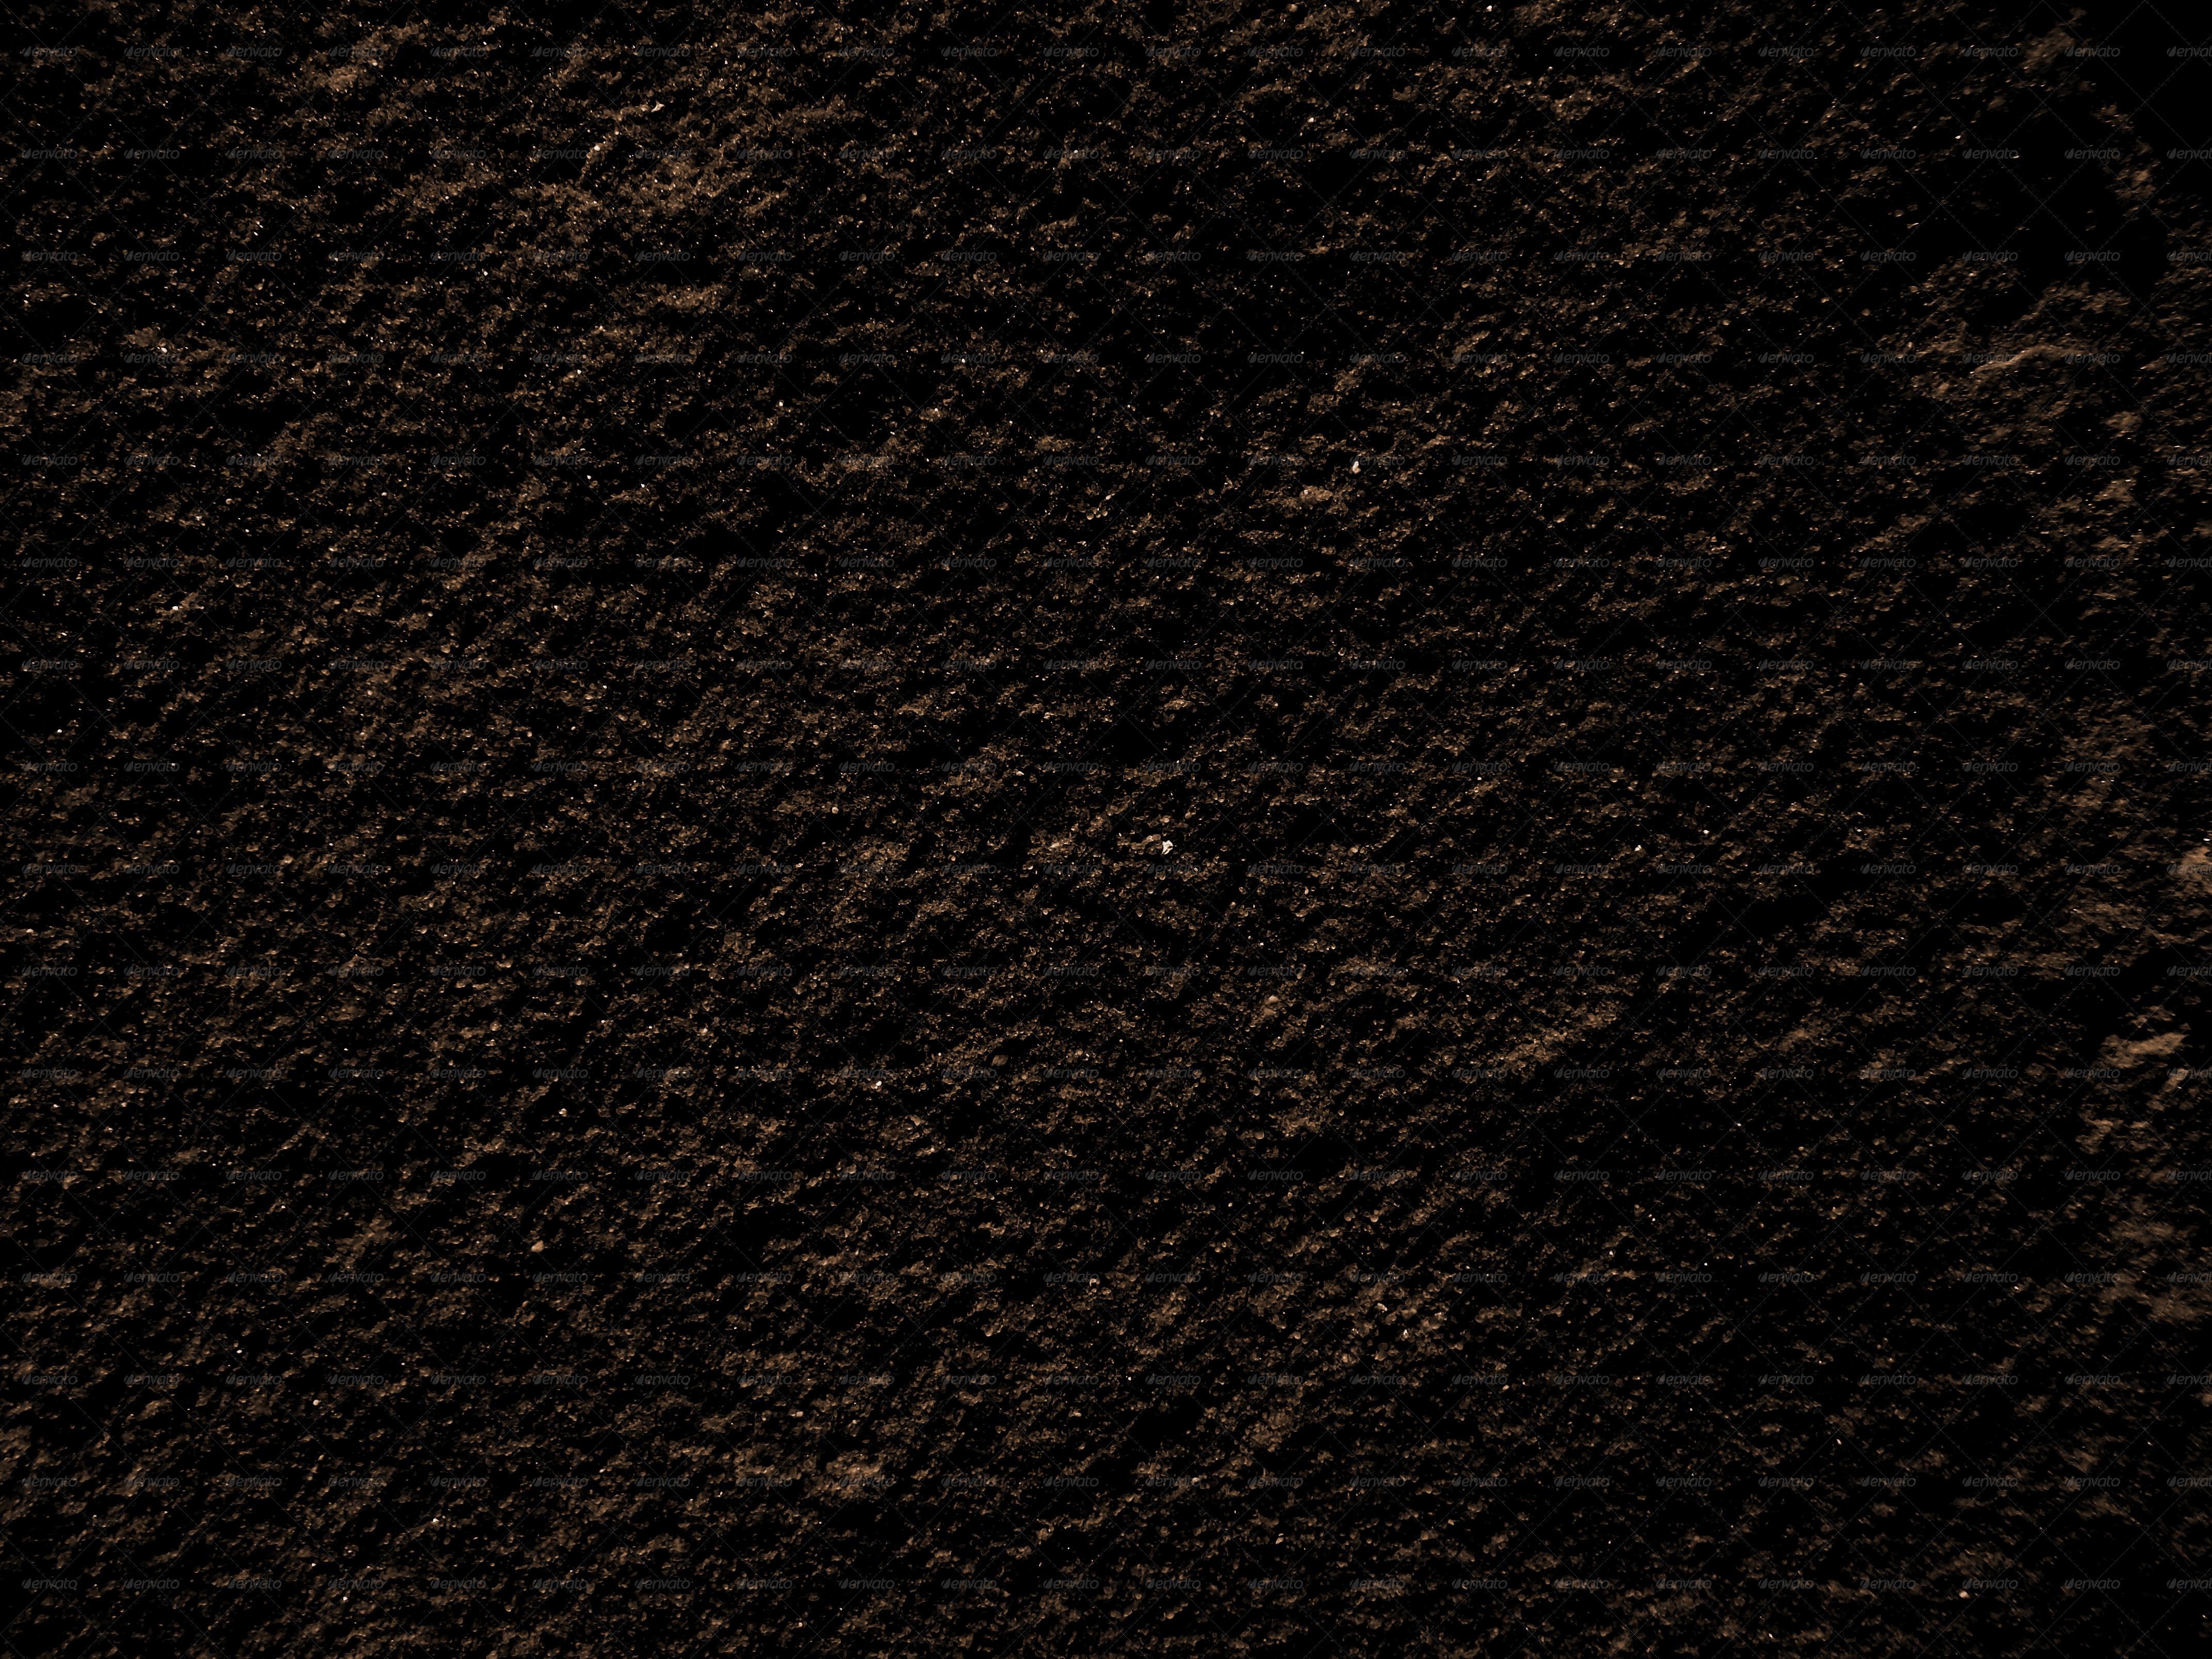 Underground Dirt Textures by stacydavid - 4710.7KB